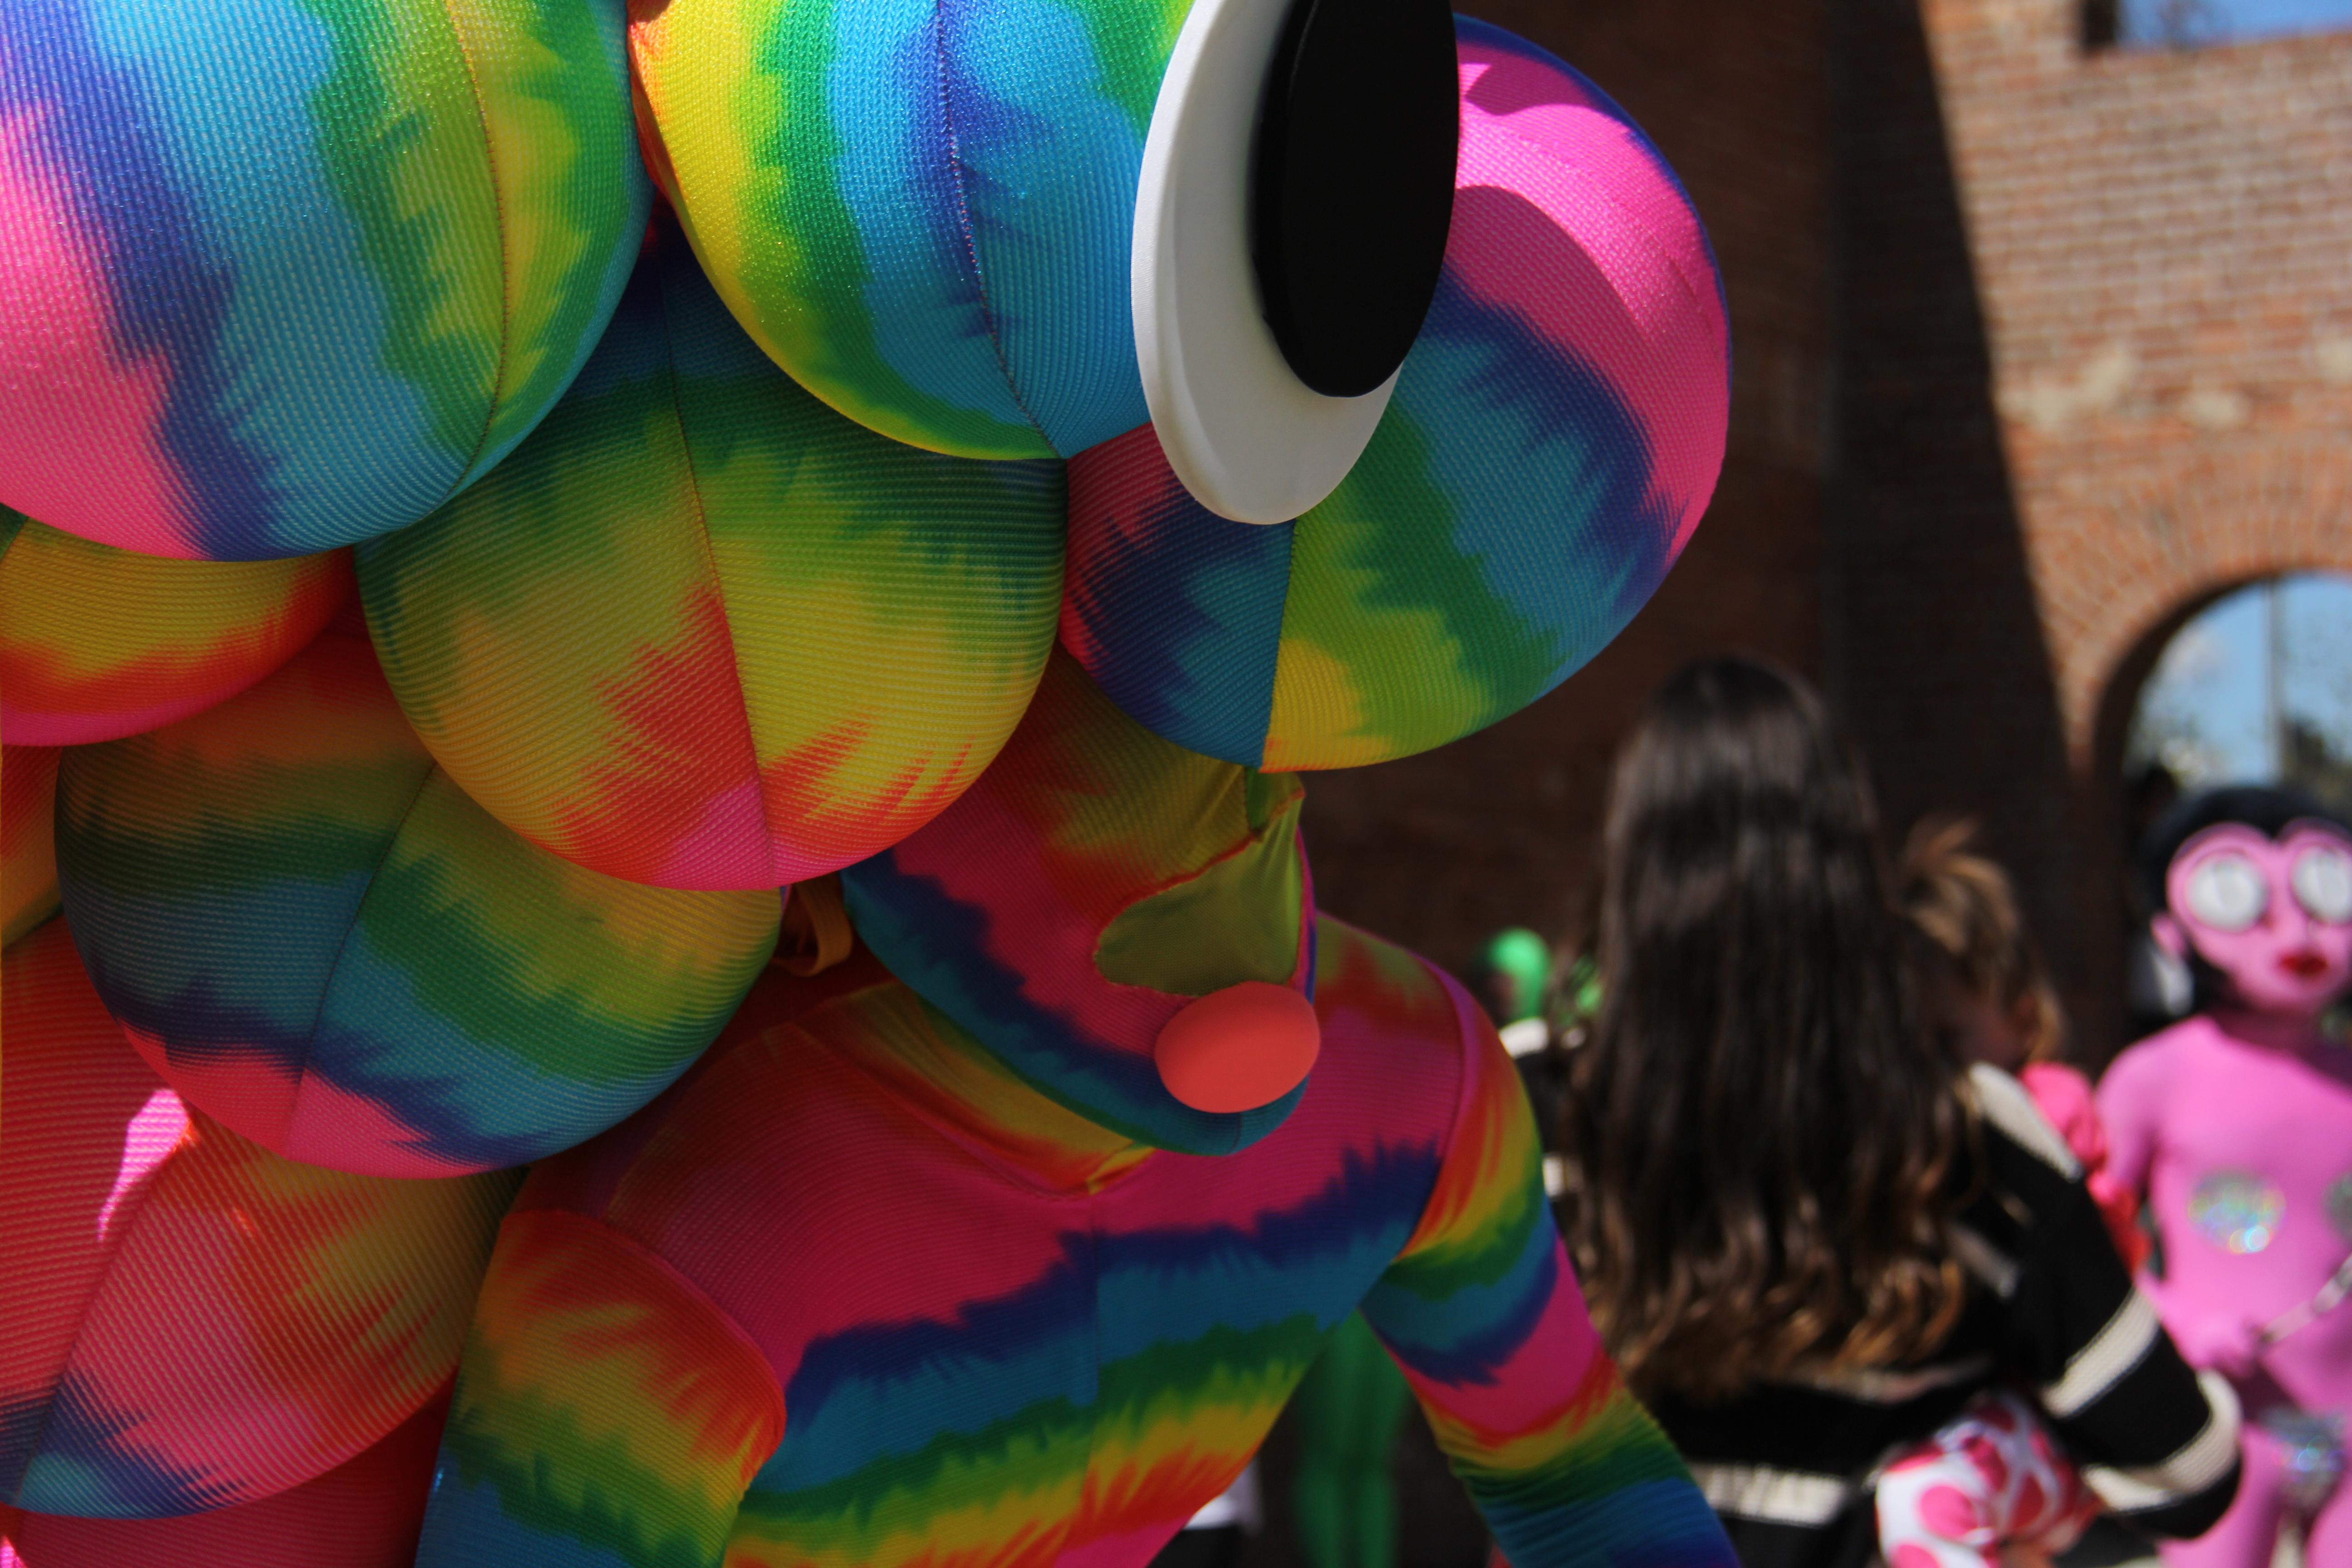 bubbles-of-hope-bartenev-dumbo-arts-festival-reartiste.jpg